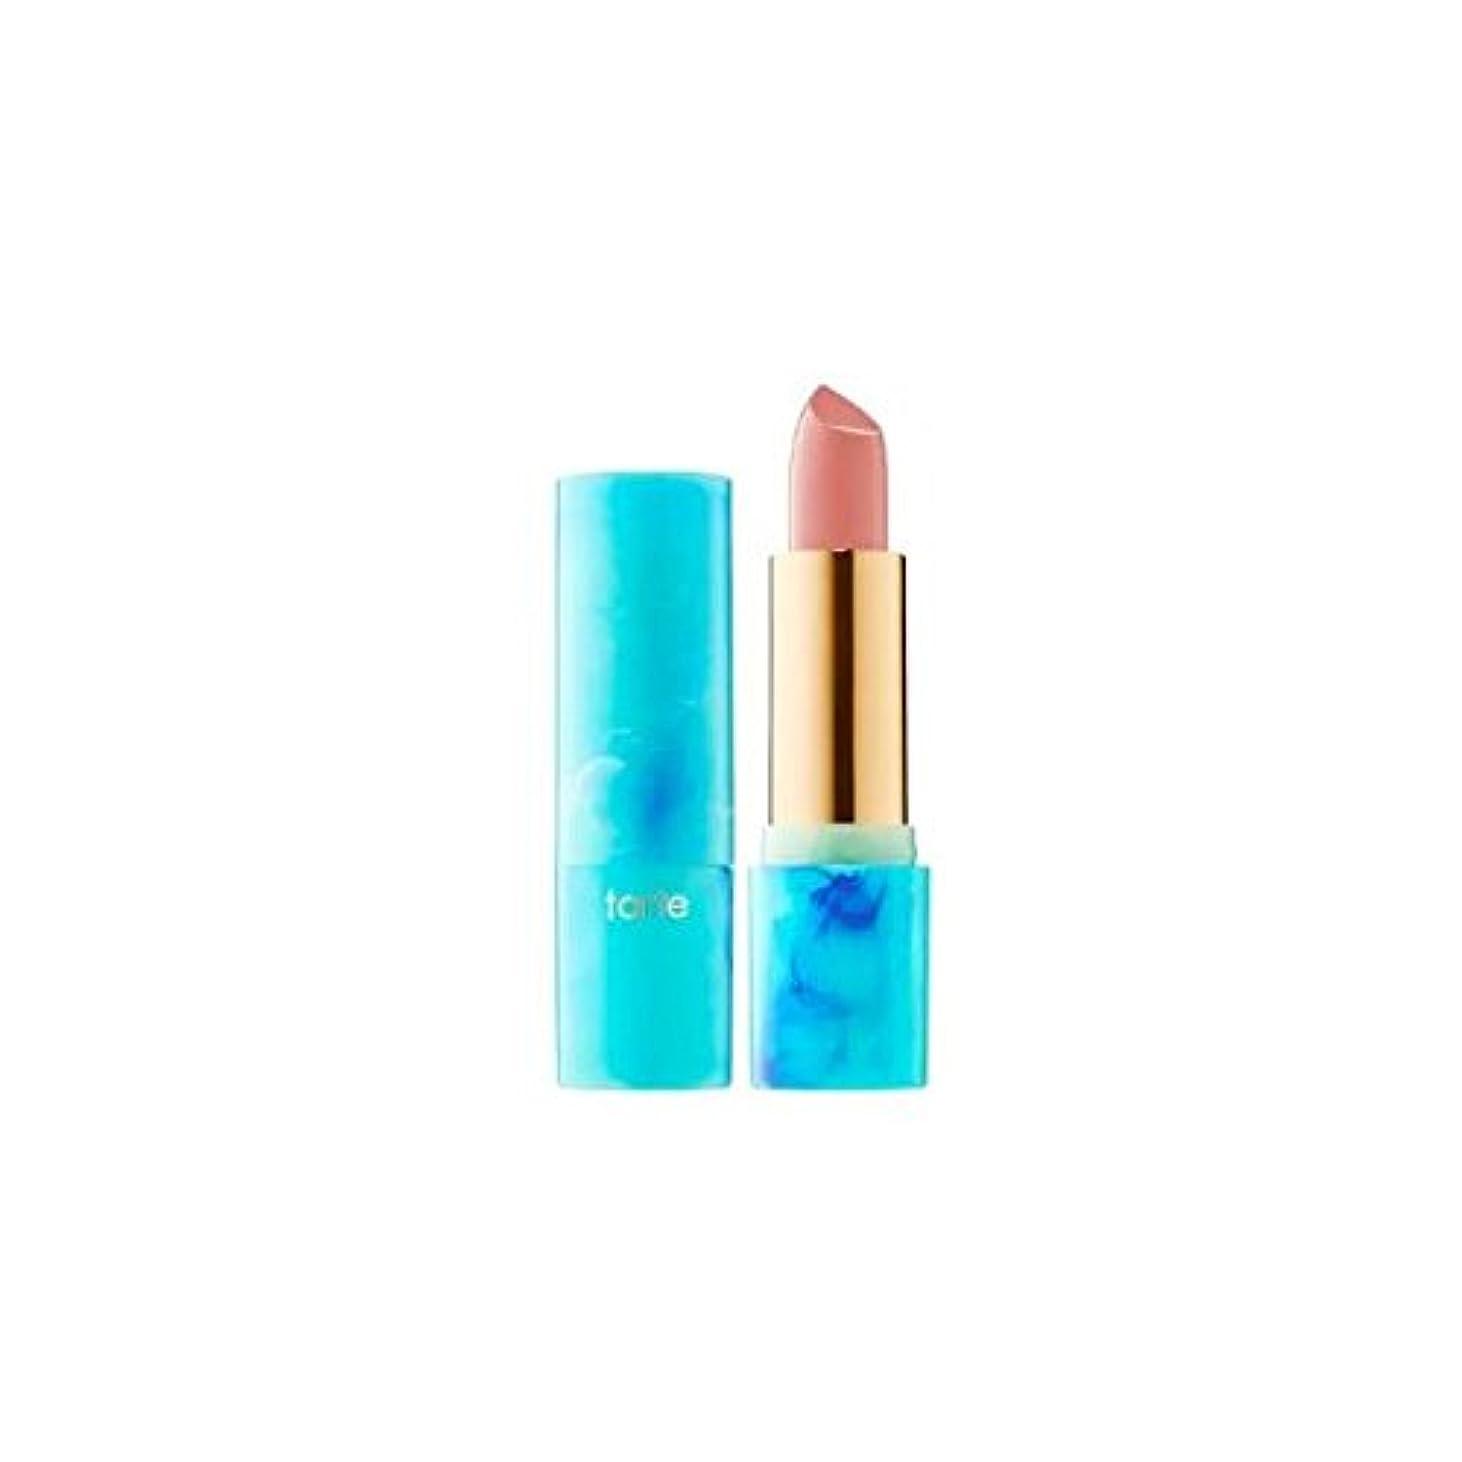 紳士クールエレクトロニックtarteタルト リップ Color Splash Lipstick - Rainforest of the Sea Collection Satin finish